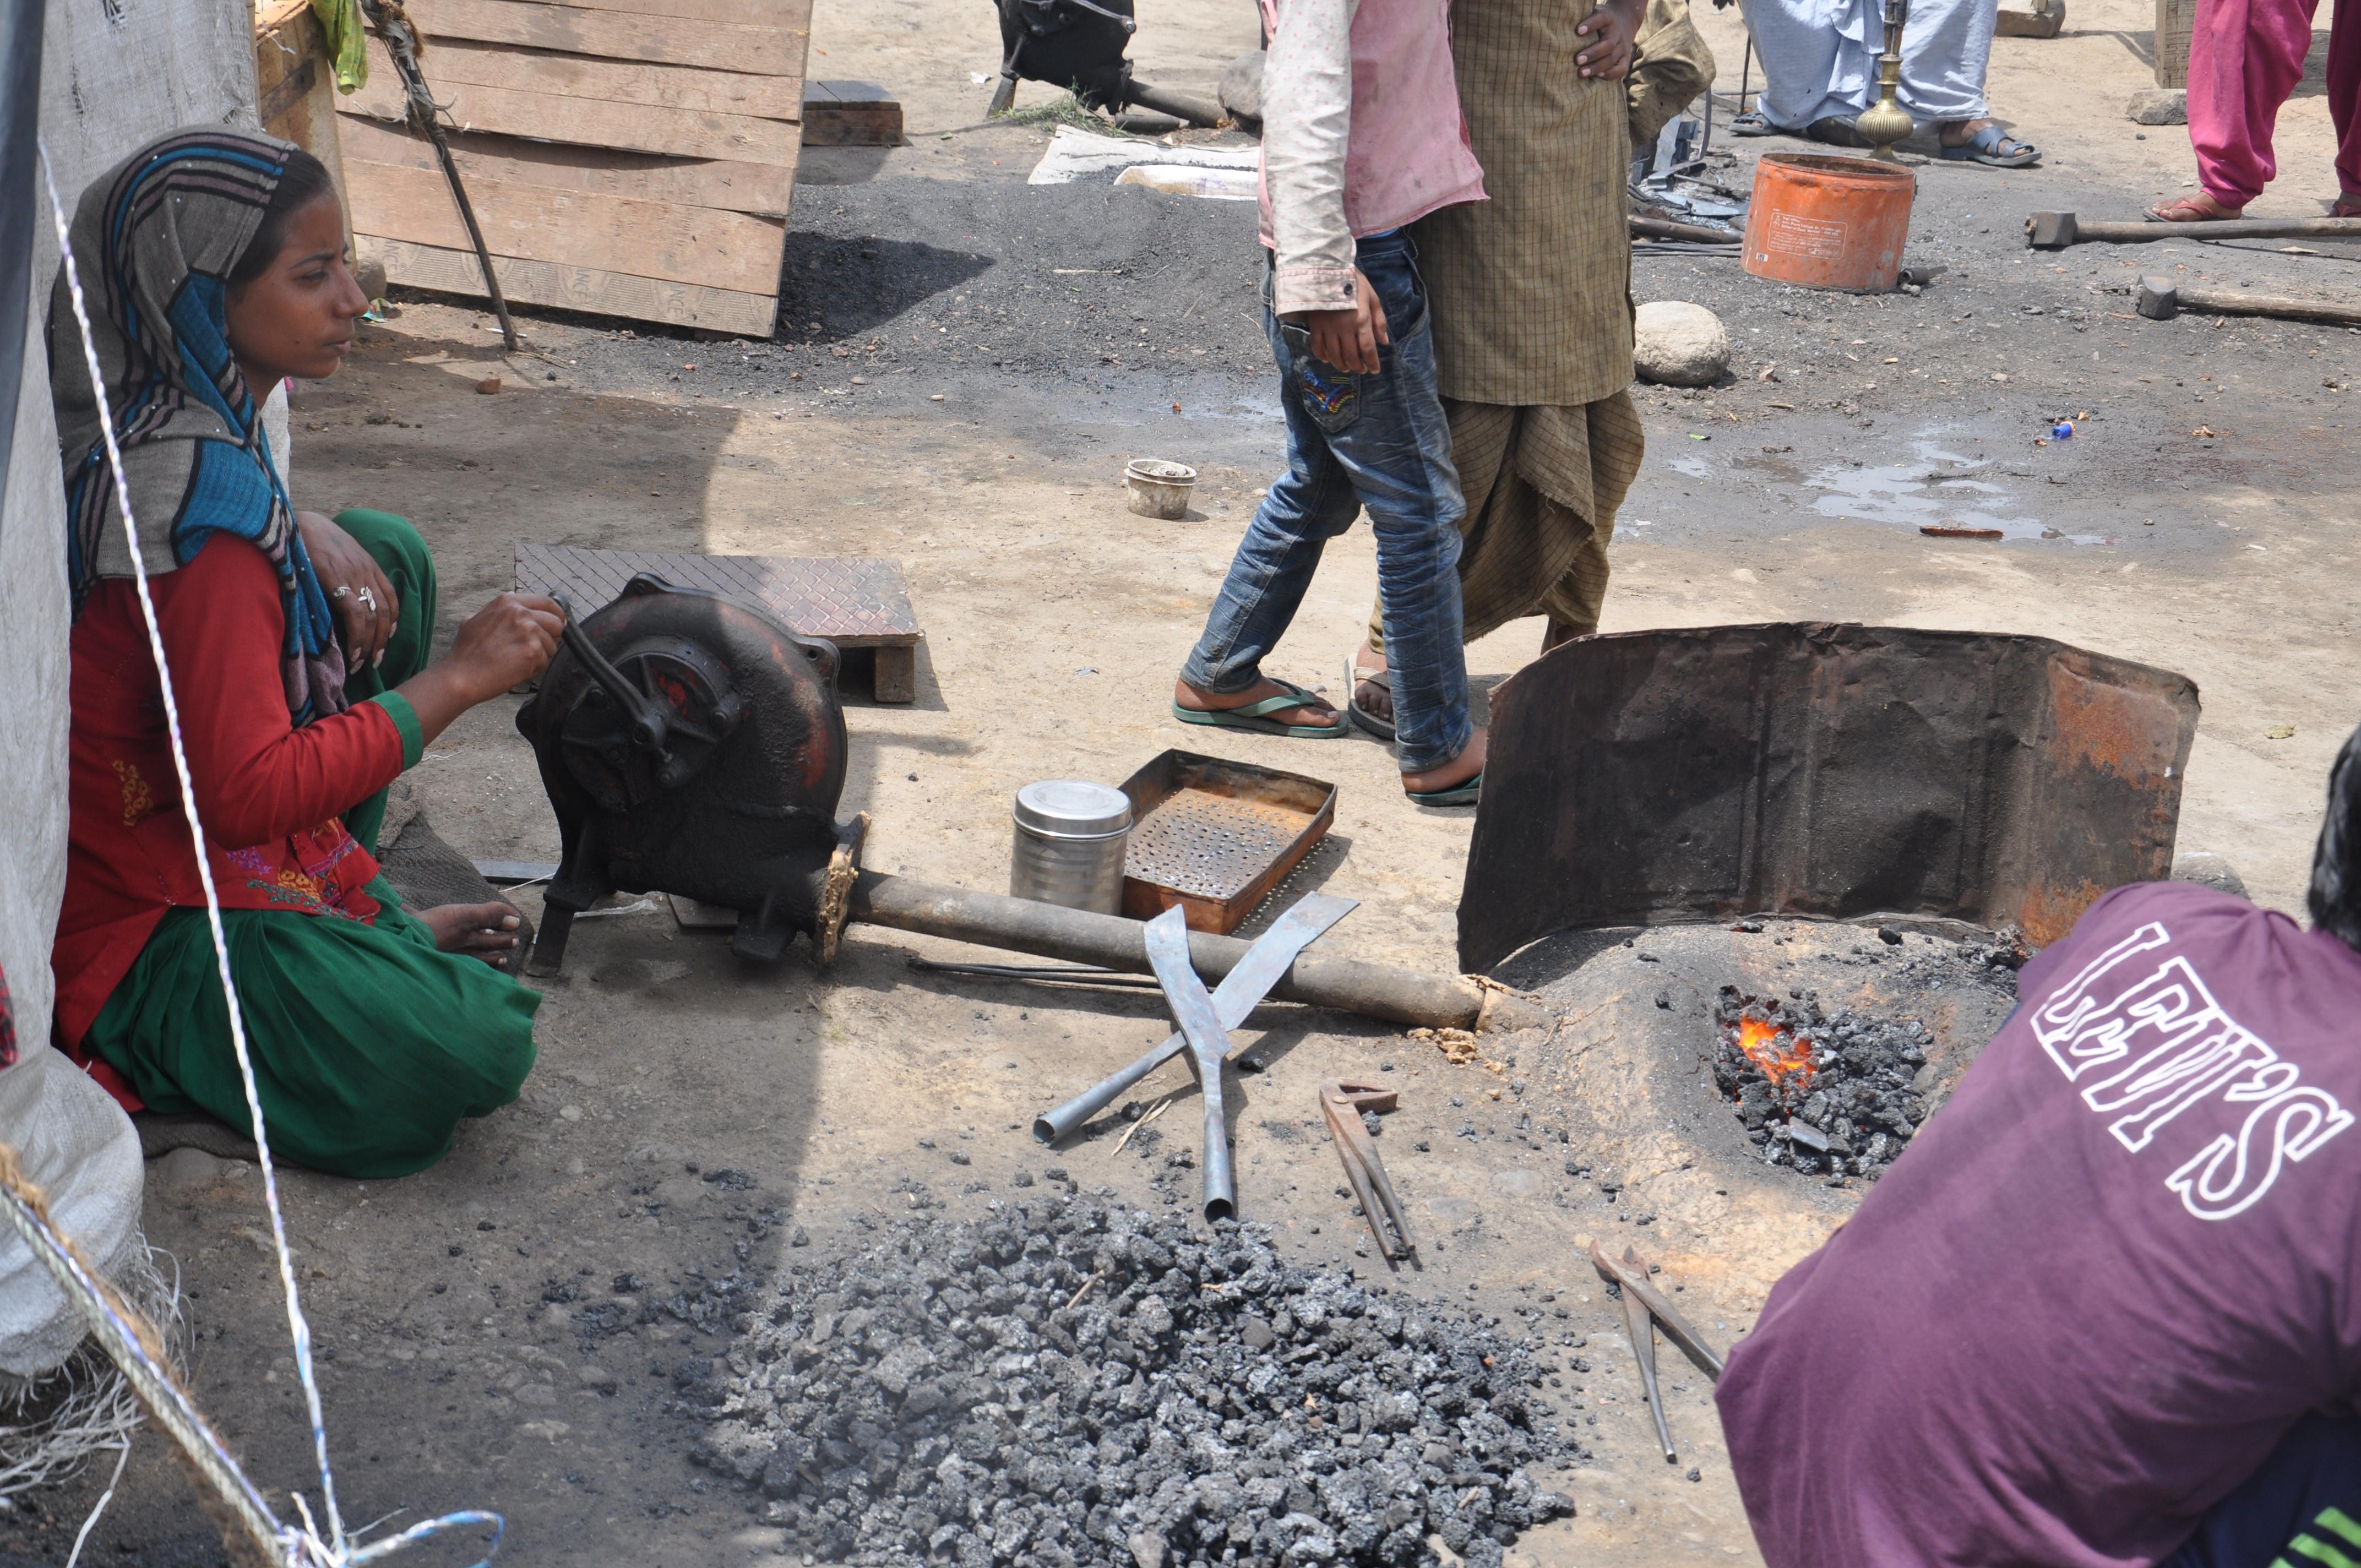 लोहे को पिघलाकर आकार बदलने के लिए निरंतर पंखे के सहारे कोयले को जलाने की आस में अत्यधिक समय बिताती हैं संगीता